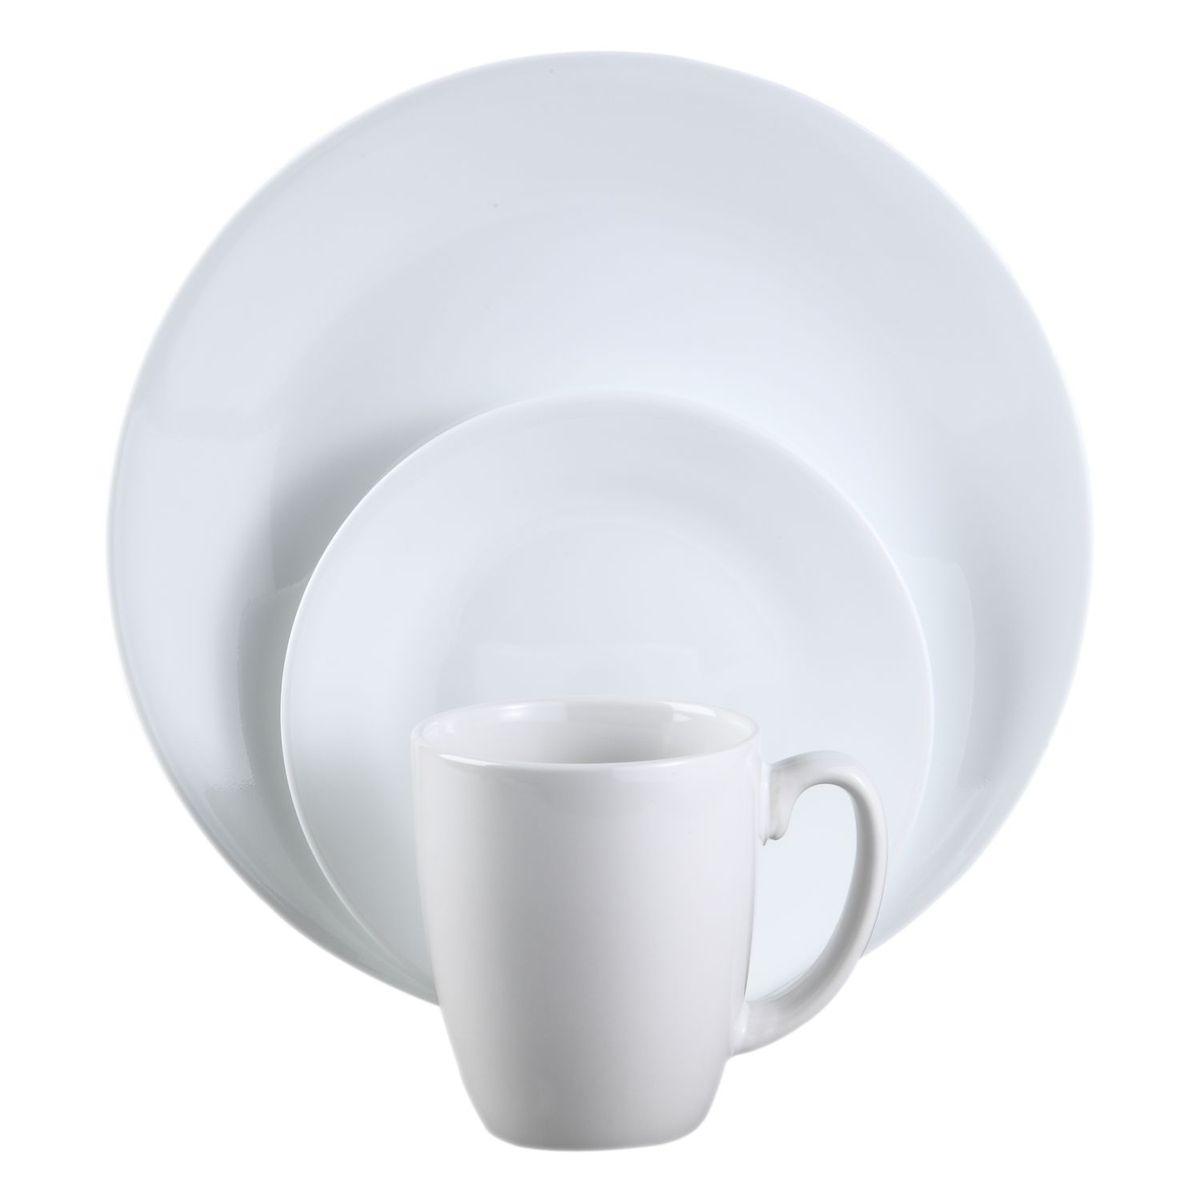 Набор столовой посуды Corelle Winter Frost White, 16 предметов набор посуды тарелки купить